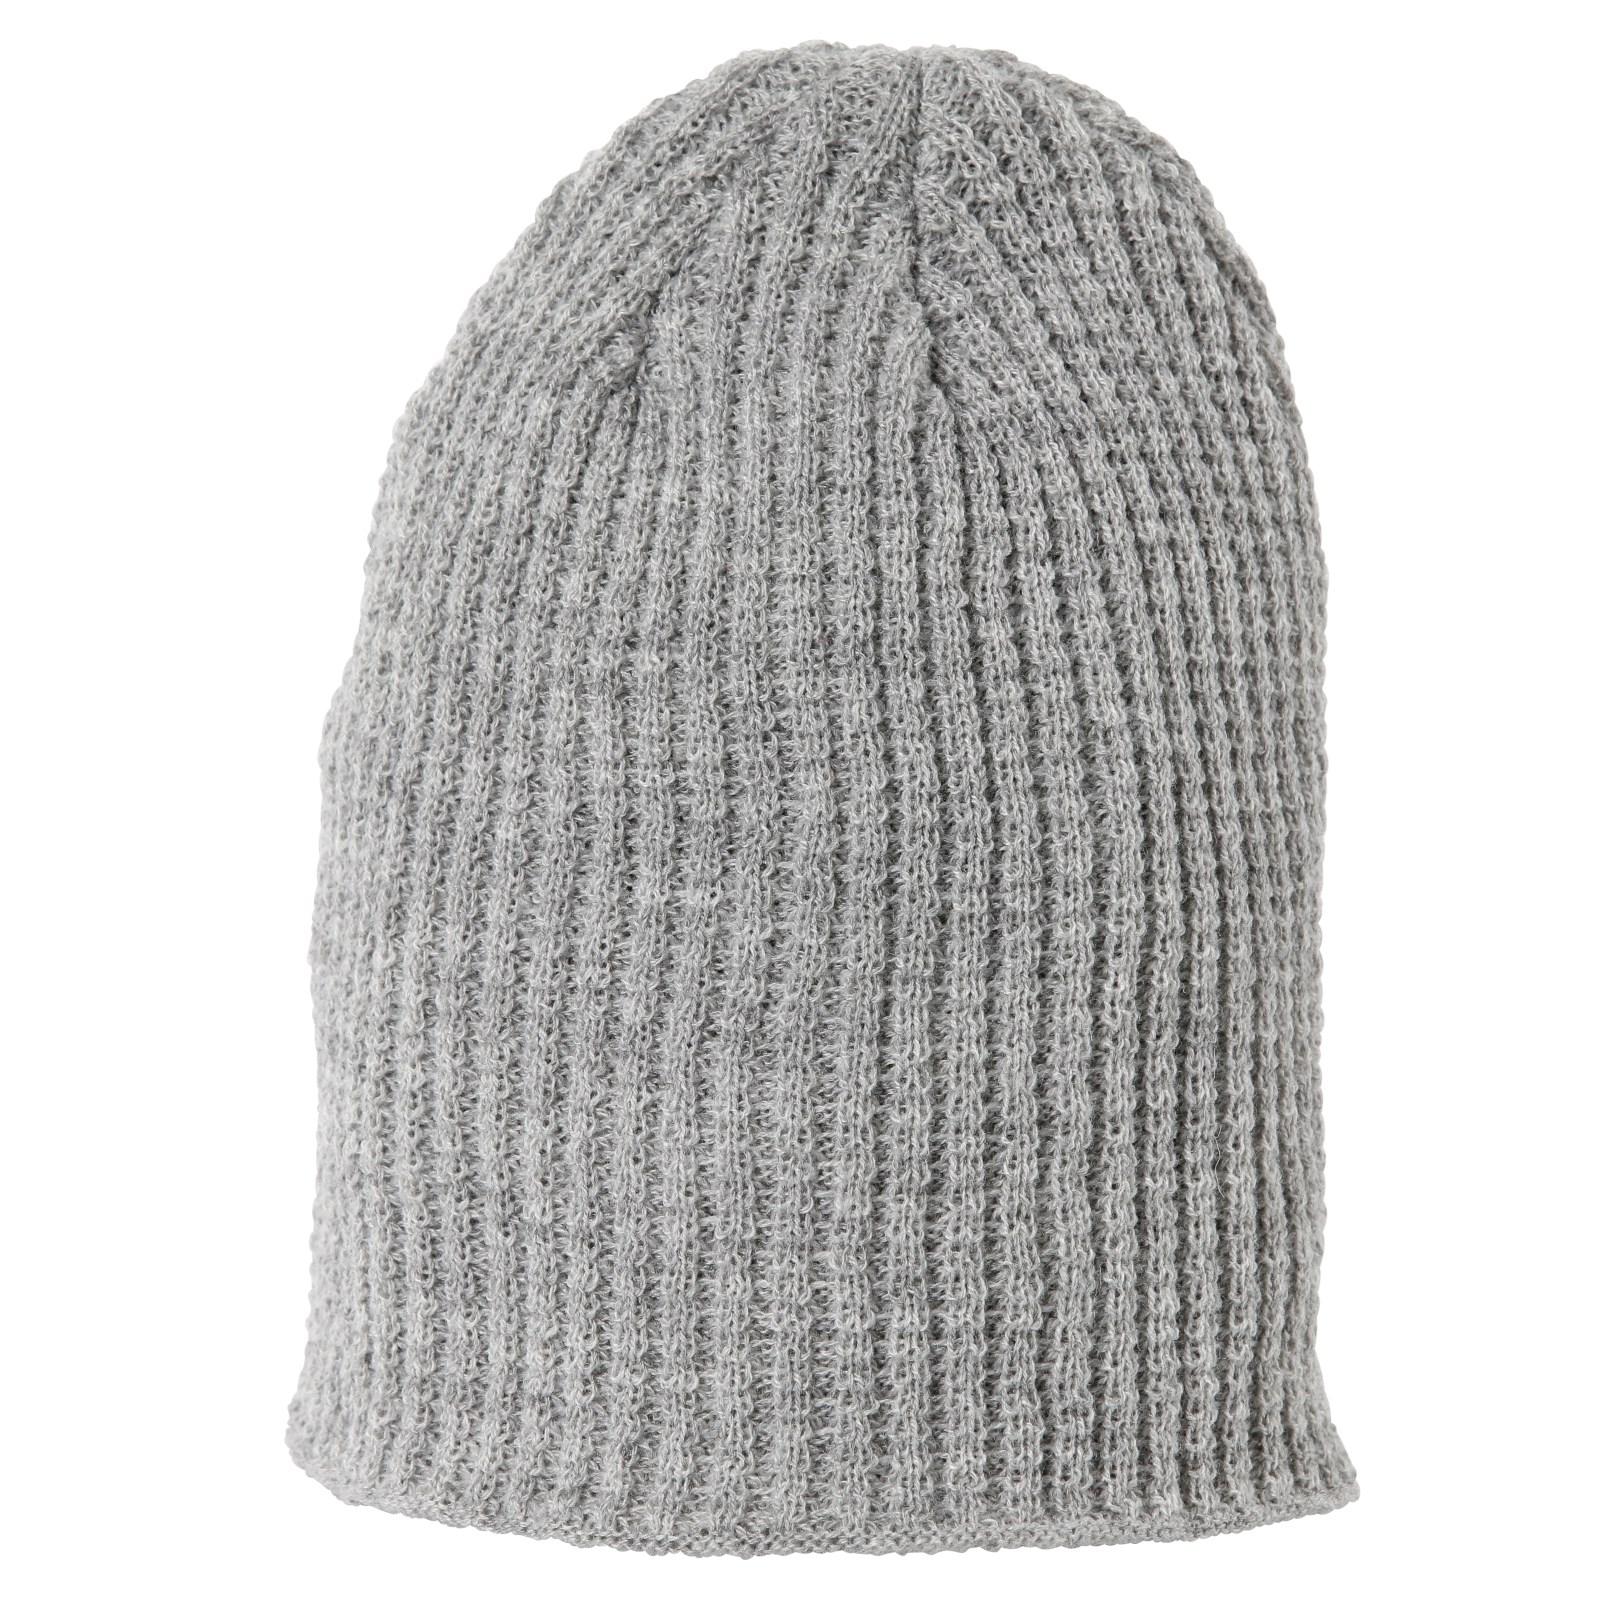 Bonnet tricoté enfants gris - Couvre-chef hiver   écharpe - LANDI 064a7f32795